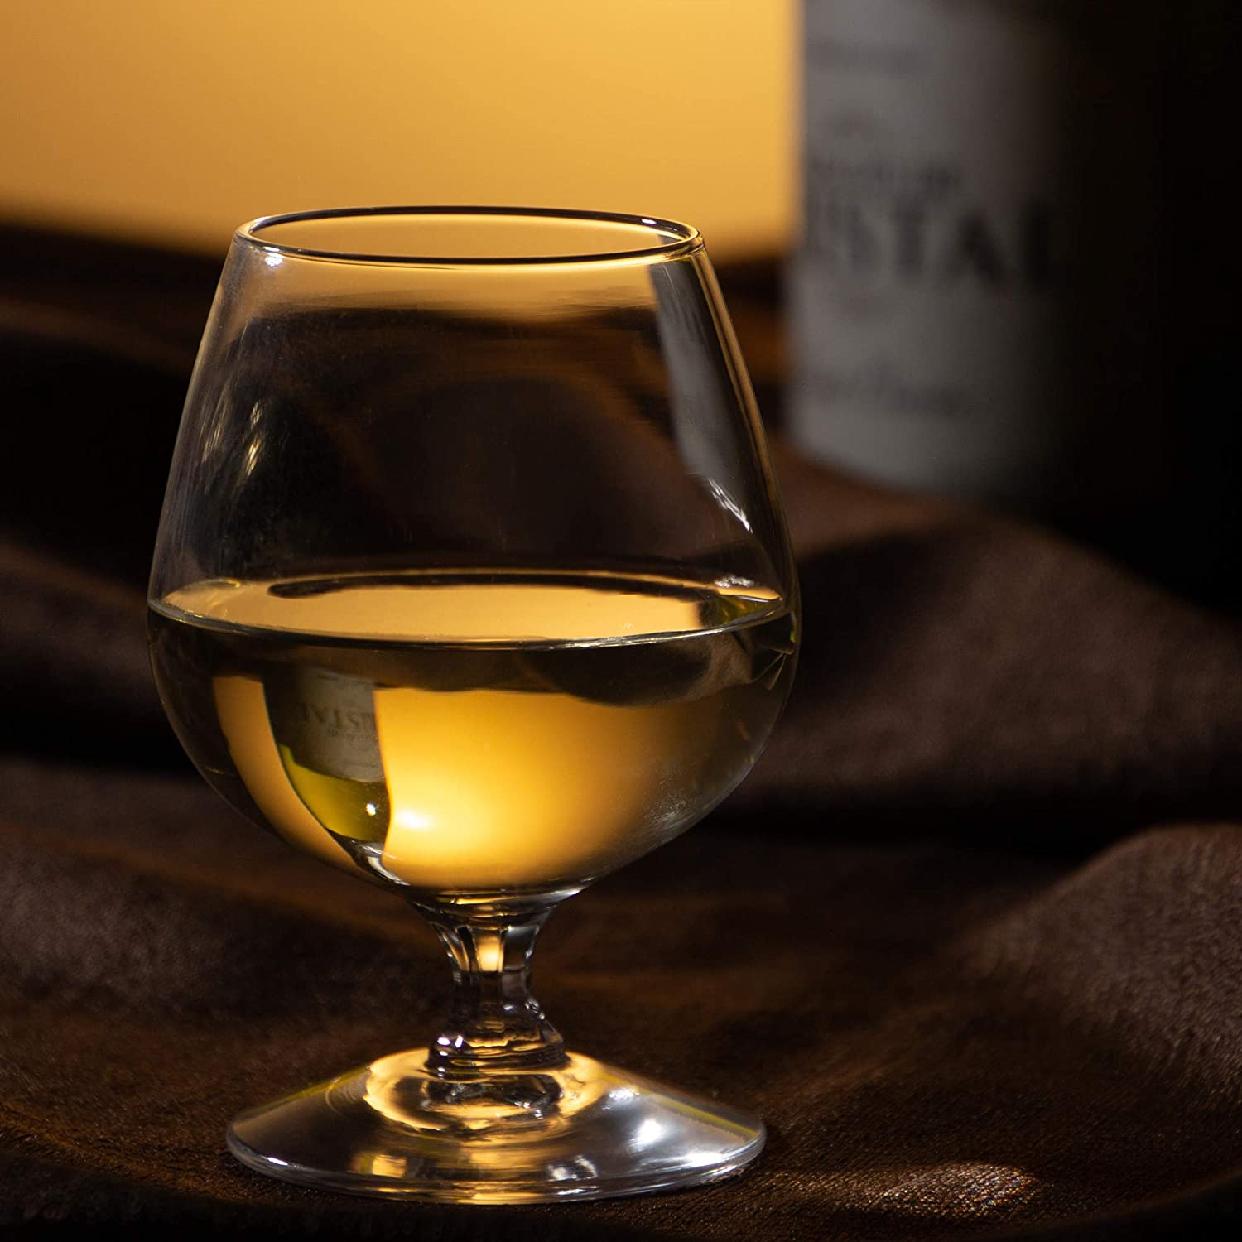 東洋佐々木ガラス(トウヨウササキガラス)ニューシュプール ブランデーグラス 225mlの商品画像6